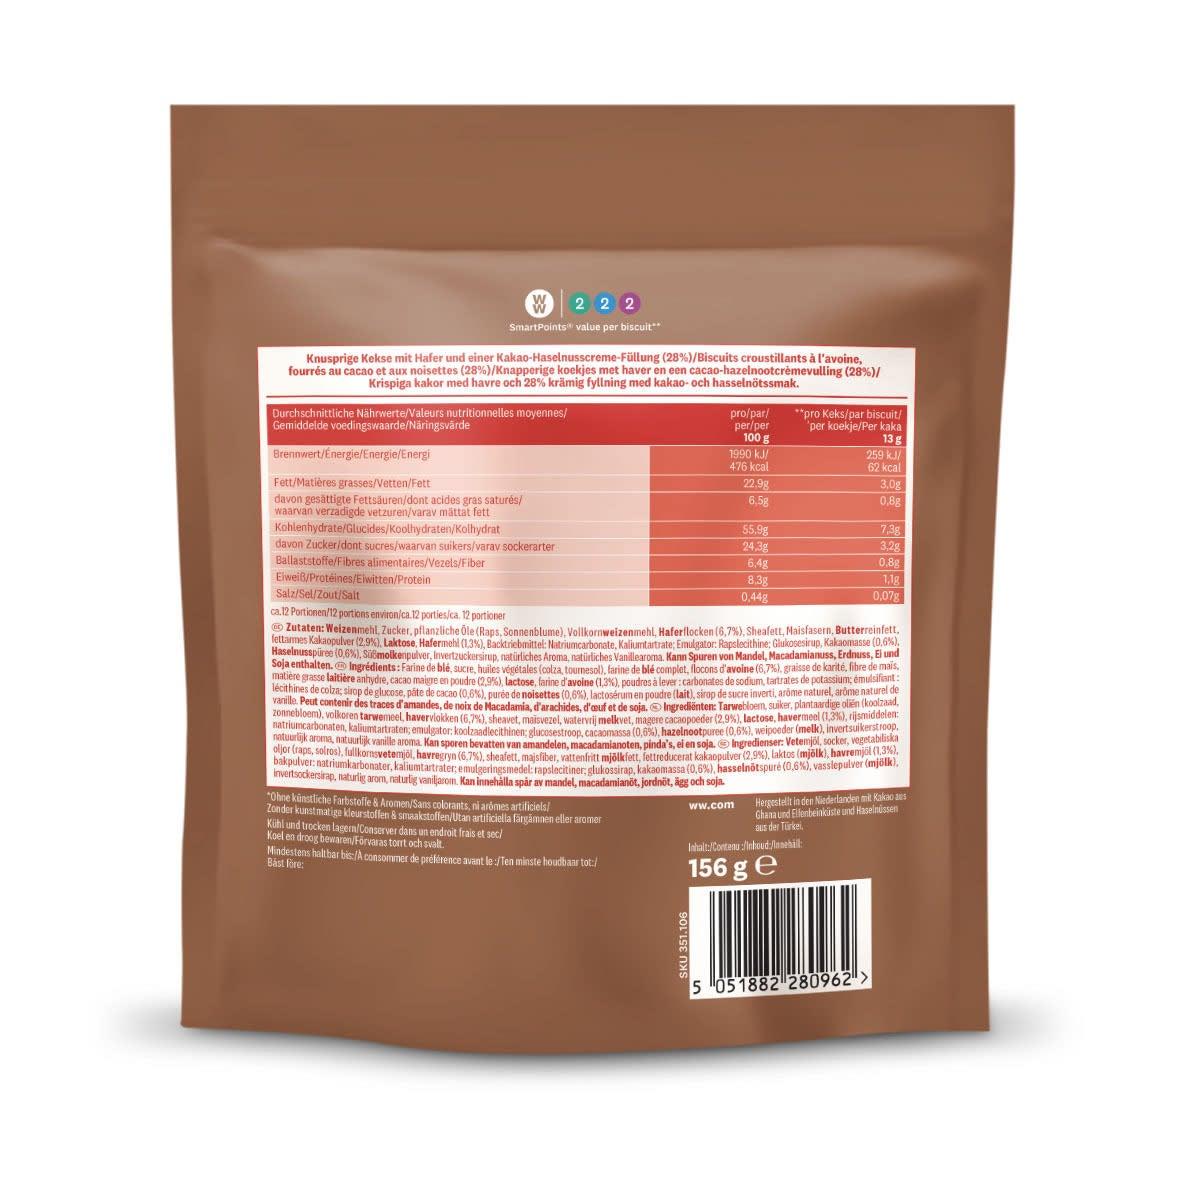 WW Kekse mit Kakao-Haselnusscreme-Füllung, Rückseite der braunen Verpackung mit Nährwertangaben